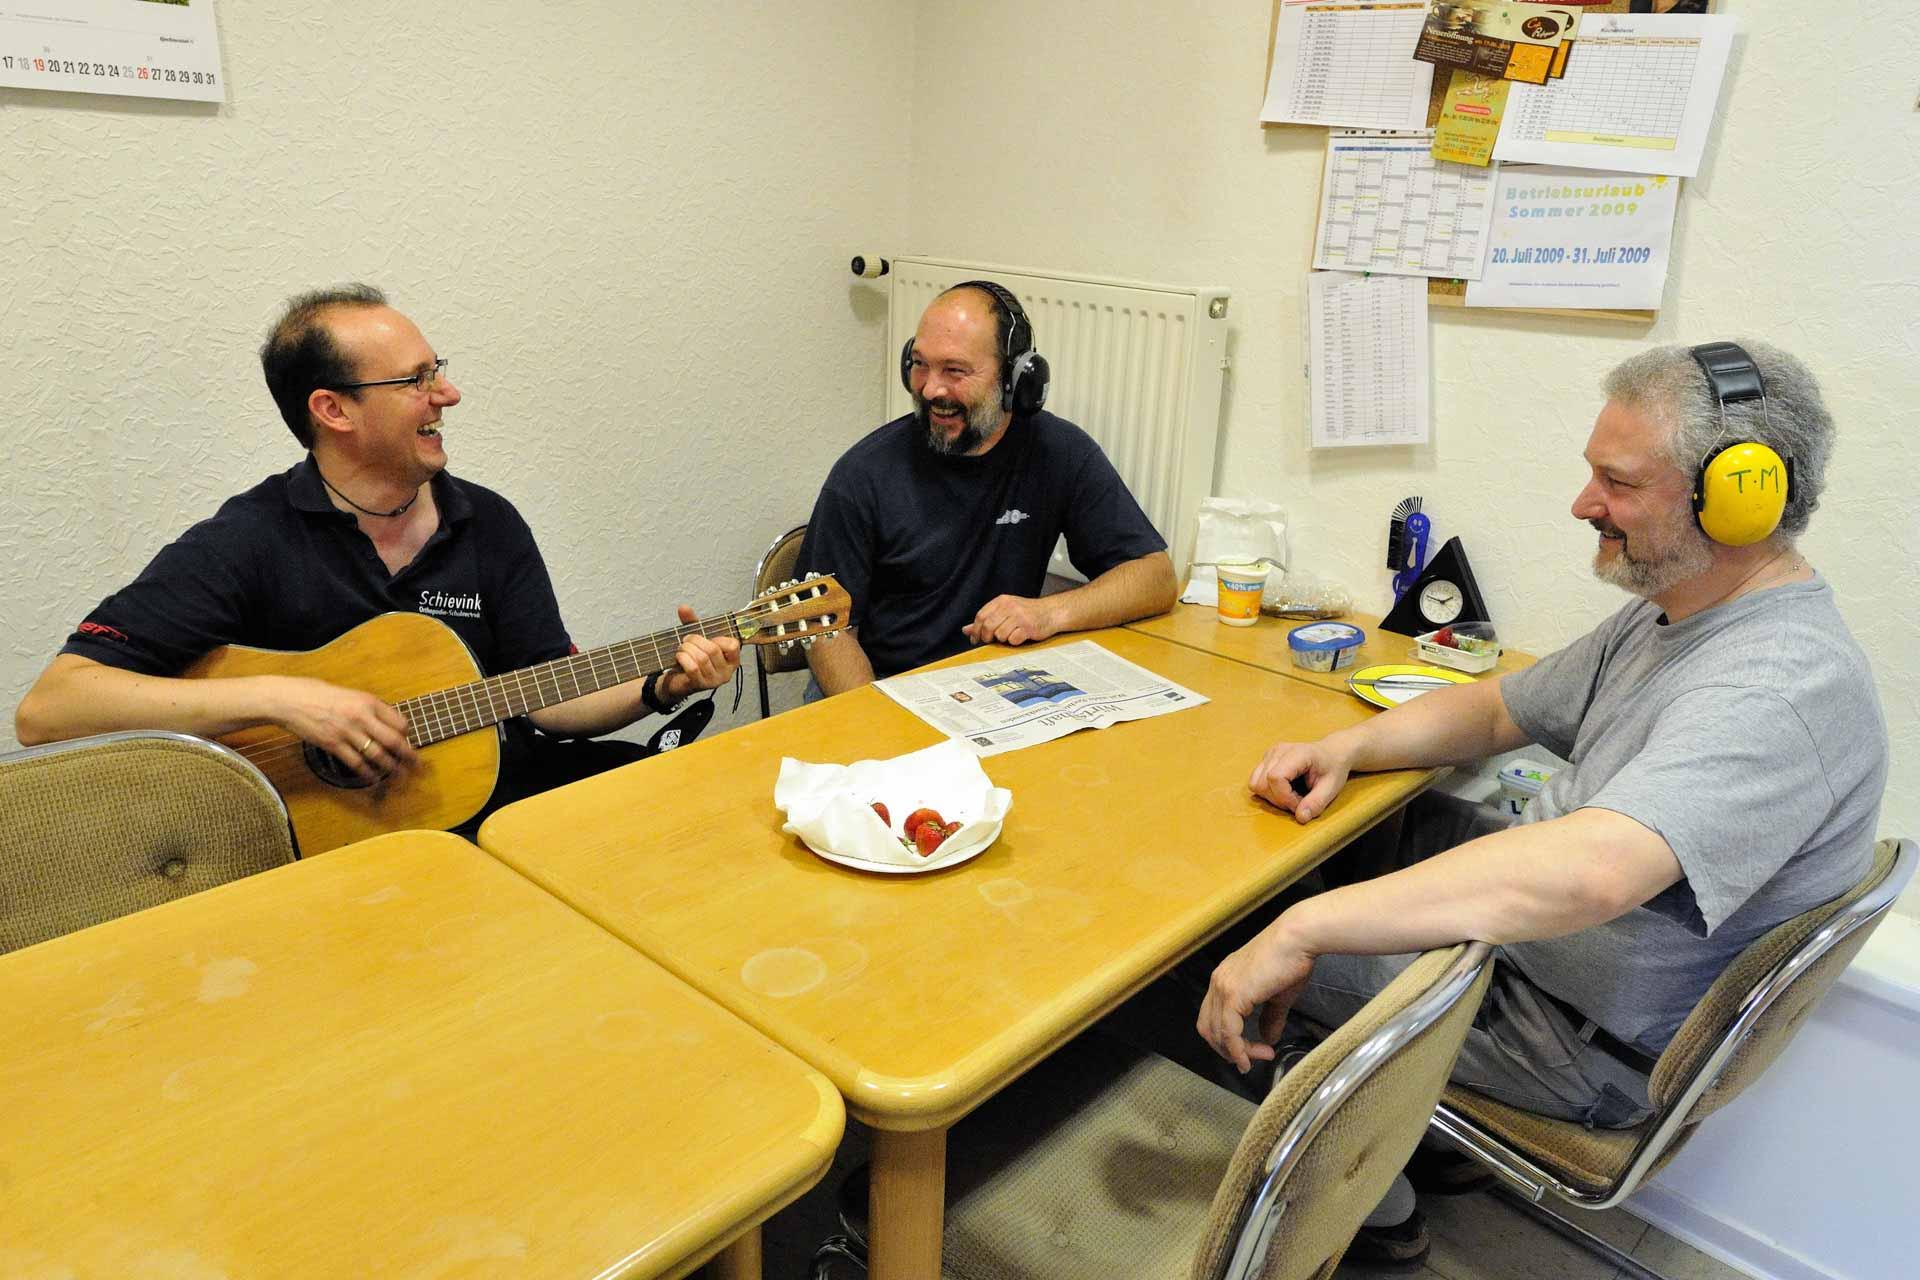 ein Ständchen darf es sein: der Meister spielt gerne Gitarre. Kollegen 'hören' zu.